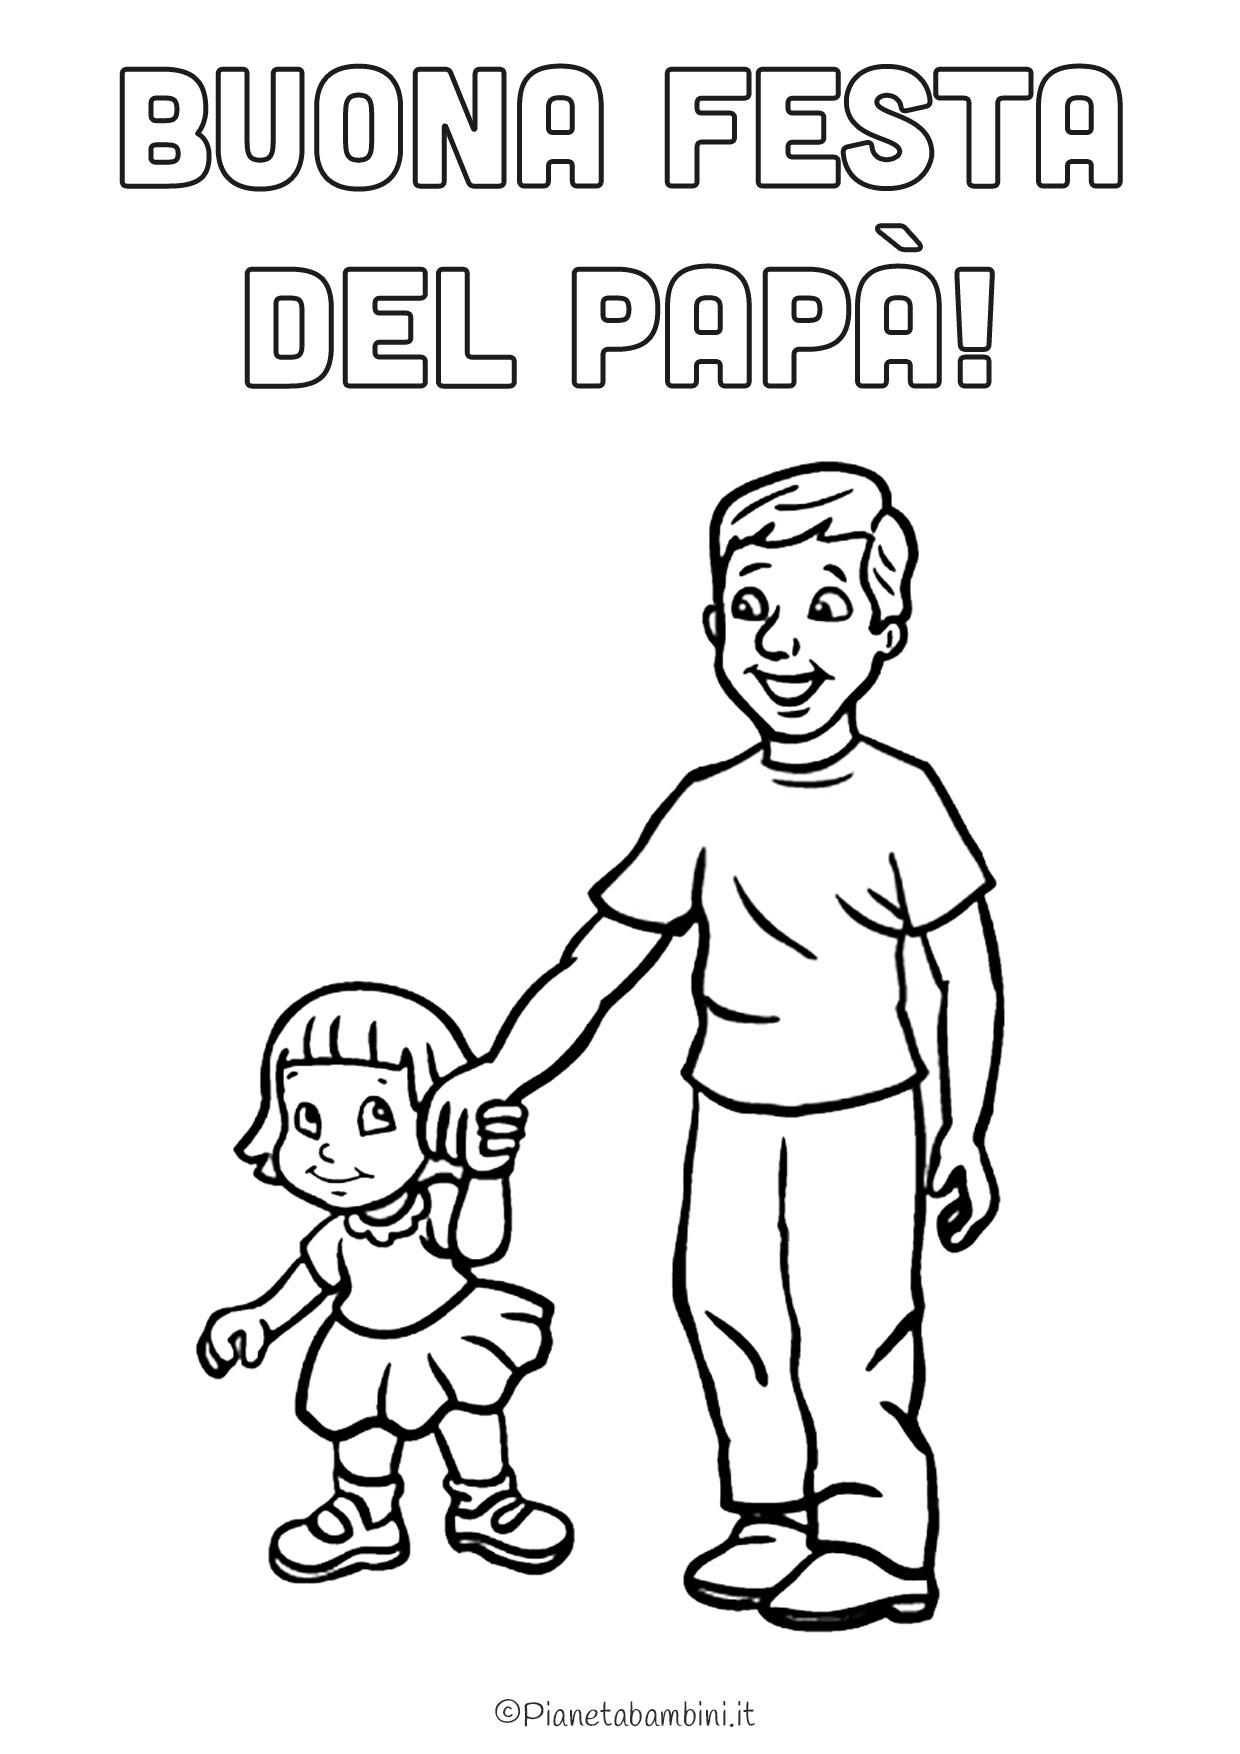 Disegno festa del papà da colorare 04